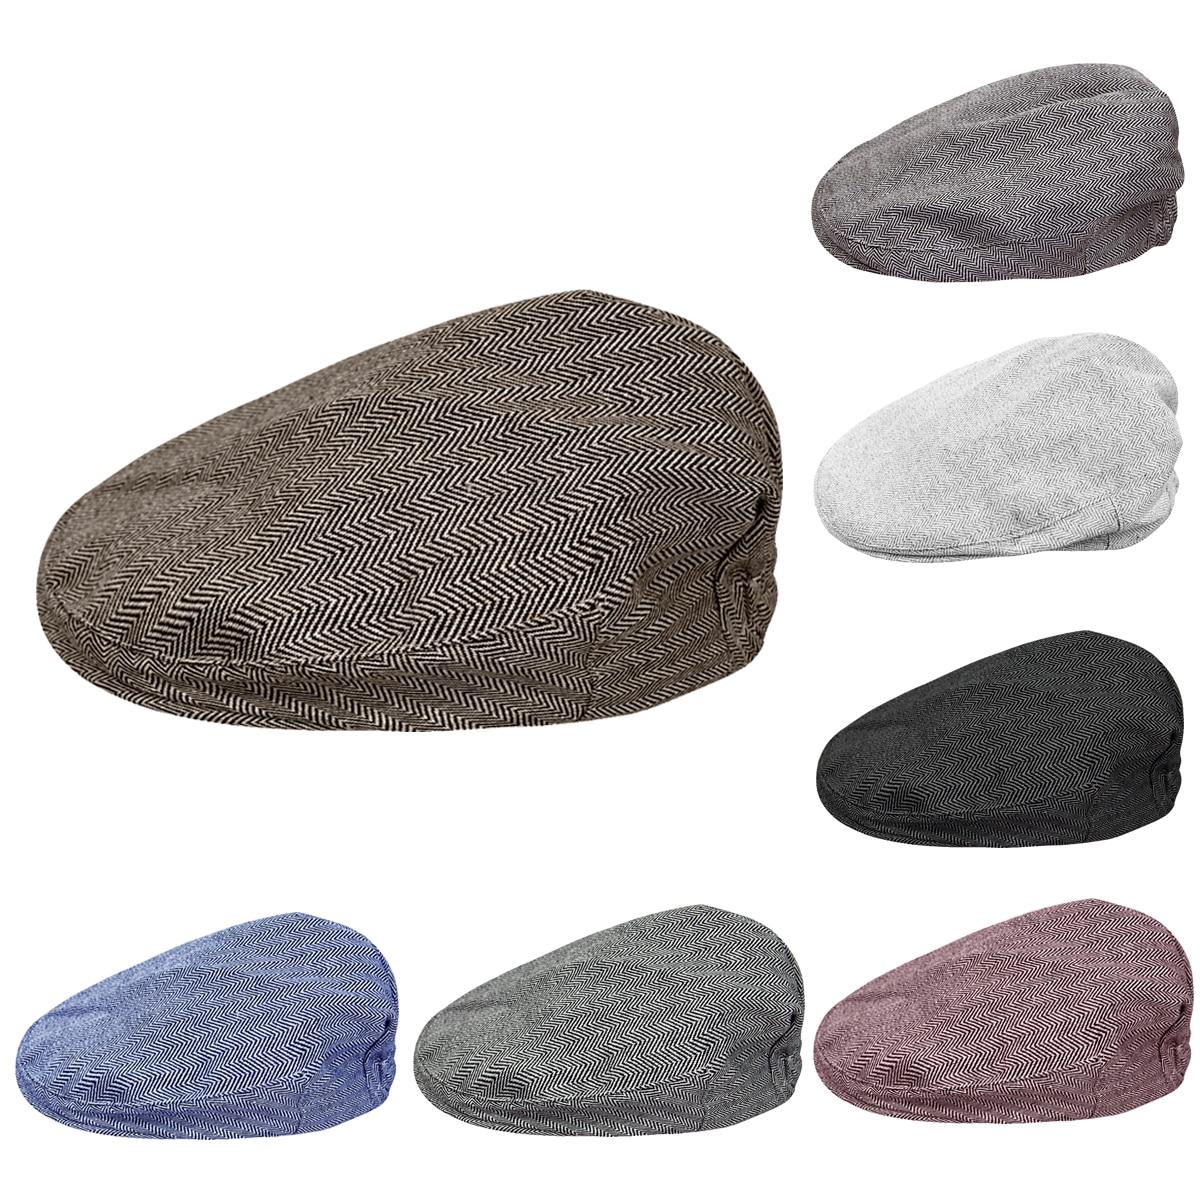 Детская кепка с узором в елочку для мальчиков, Детские эластичные береты, шапки, Детская Праздничная Кепка, шапка для малышей, винтажные кепки для водителей